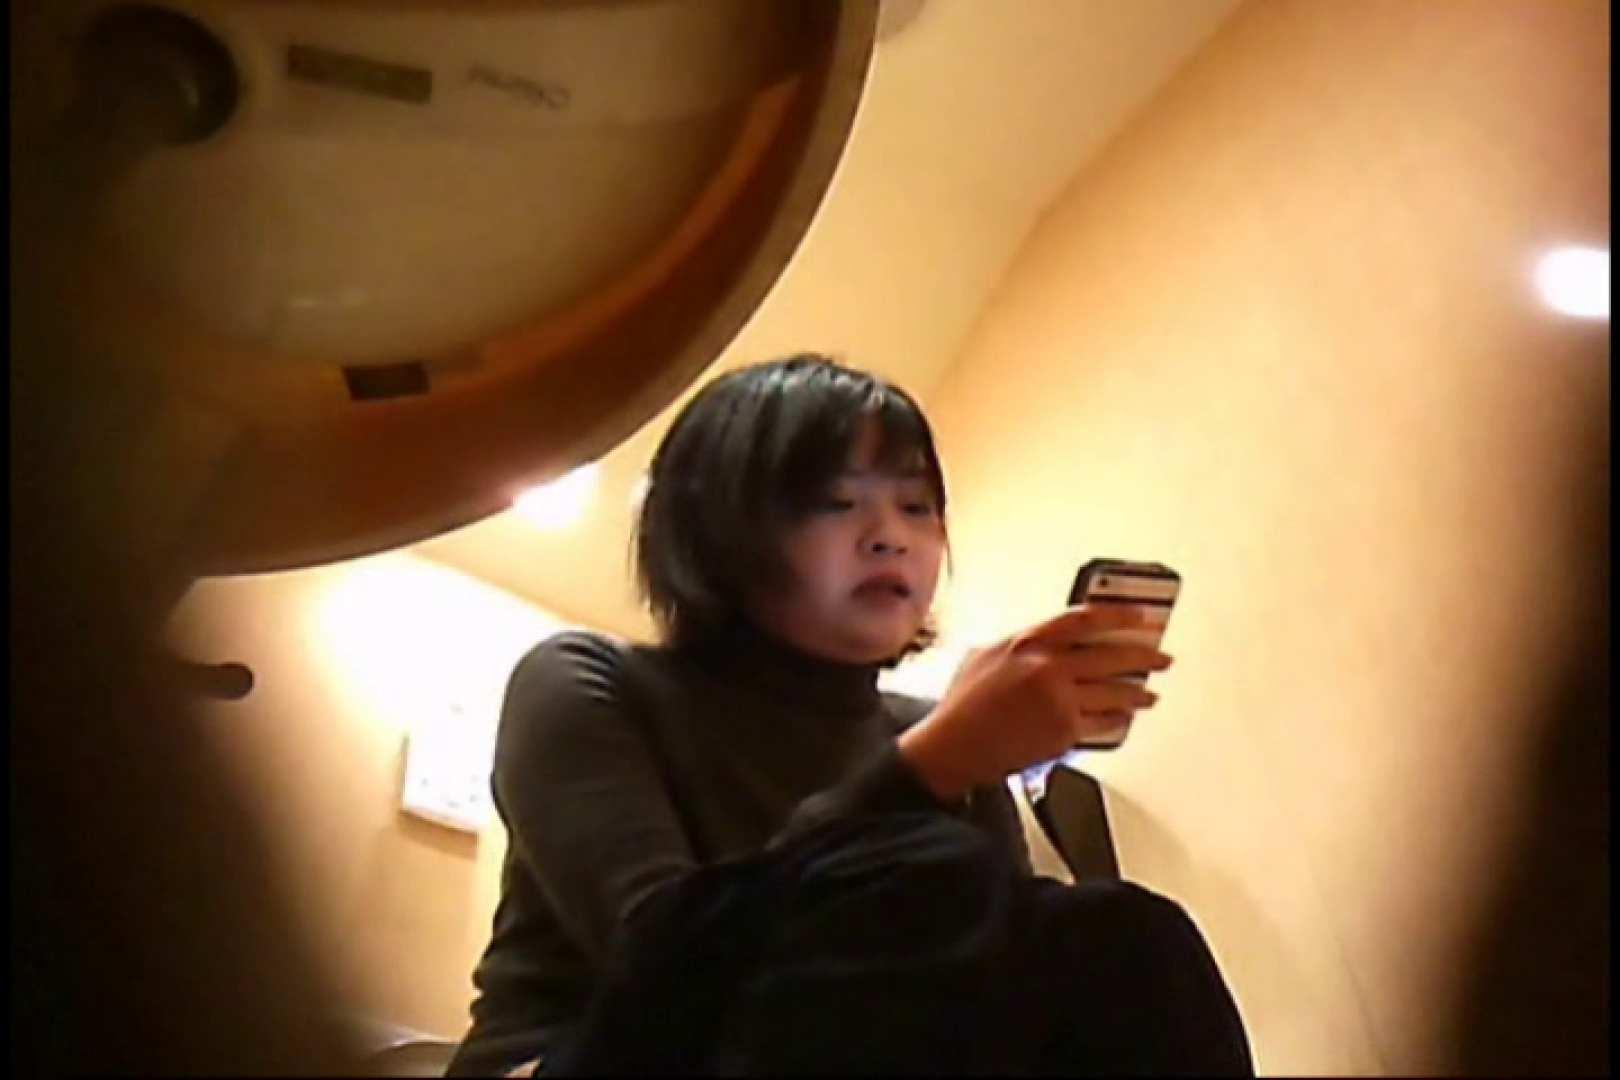 潜入!!女子化粧室盗撮~絶対見られたくない時間~vo,83 熟女のエロ動画 オメコ動画キャプチャ 105PIX 41